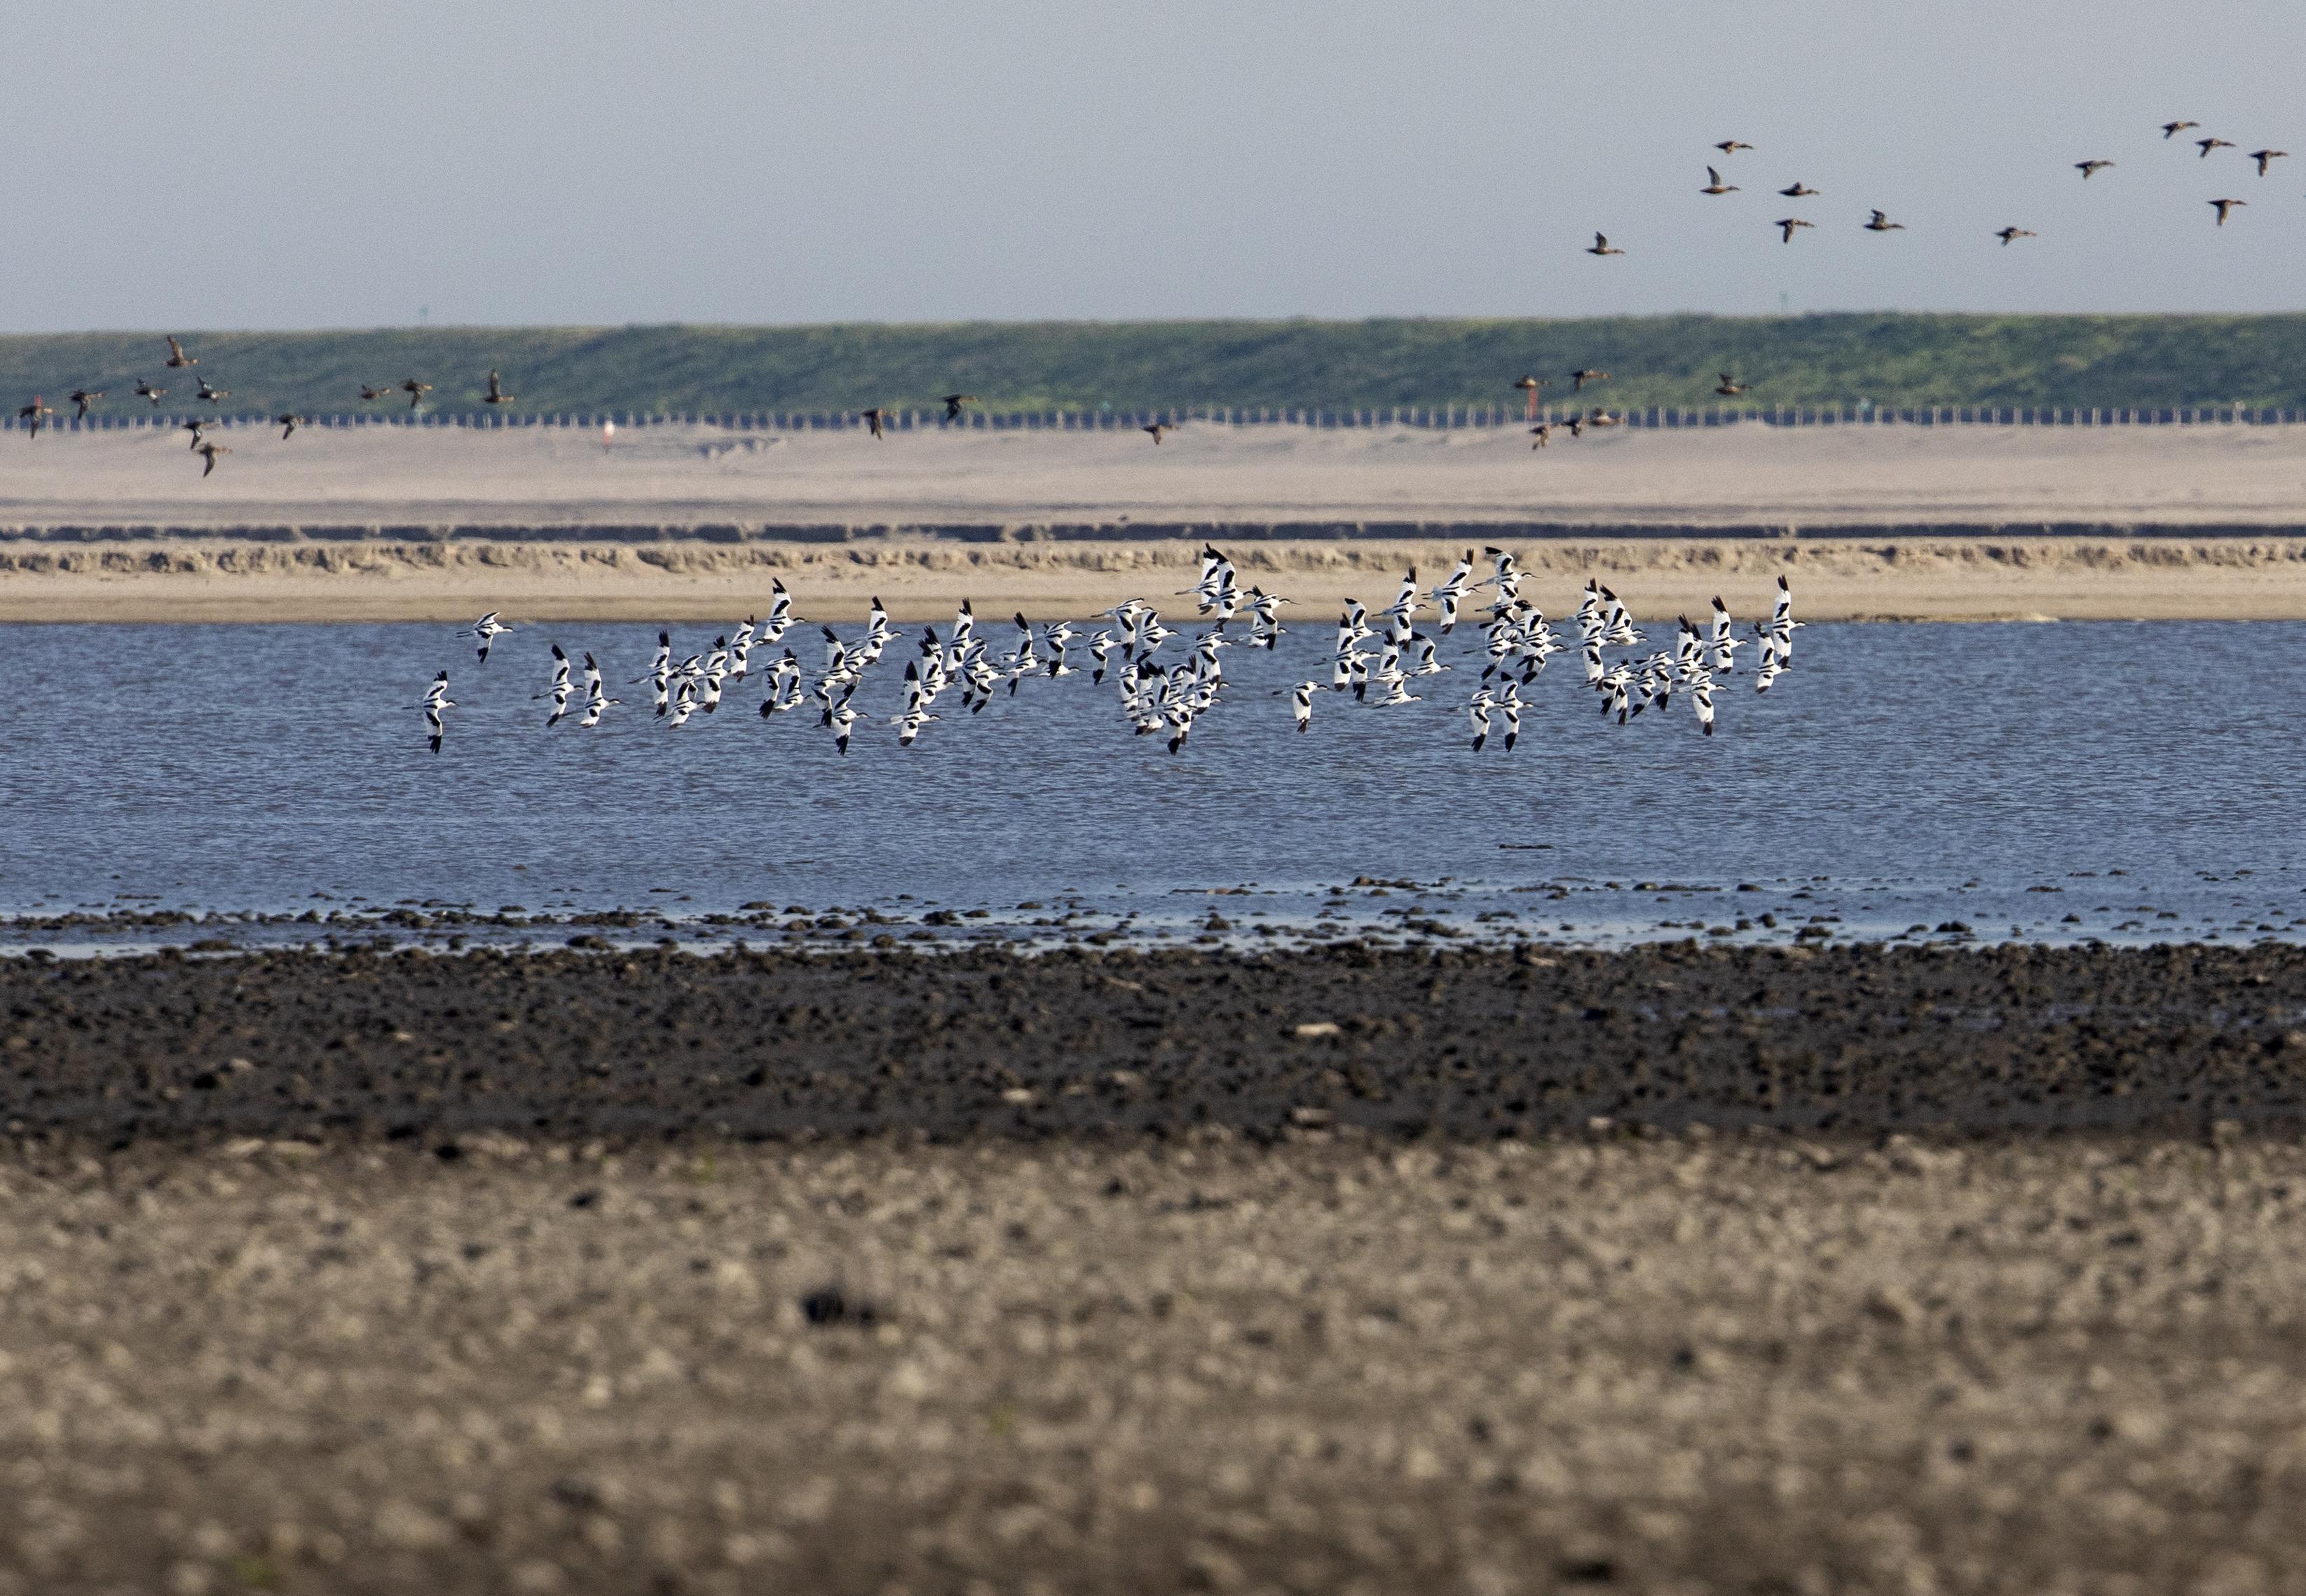 Golfbreker van 26 kilometer kan weer decennia mee: minister Cora van Nieuwenhuizen sluit bijzonder versterkingsproject Houtribdijk af